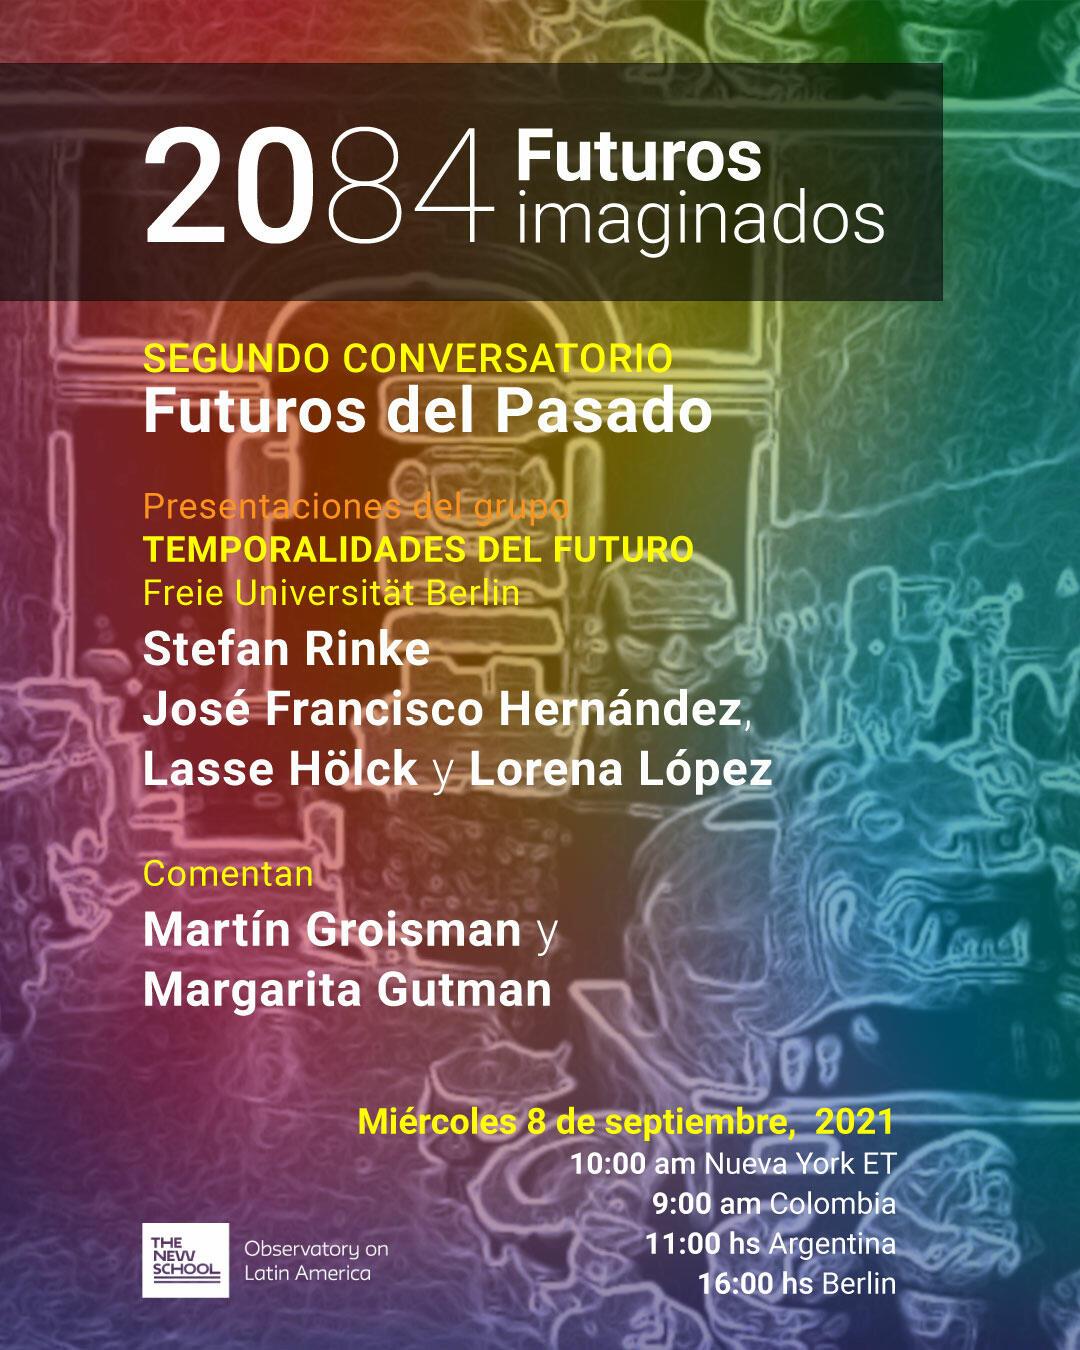 ONLINE   Futuros del Pasado - Segundoconversatorio